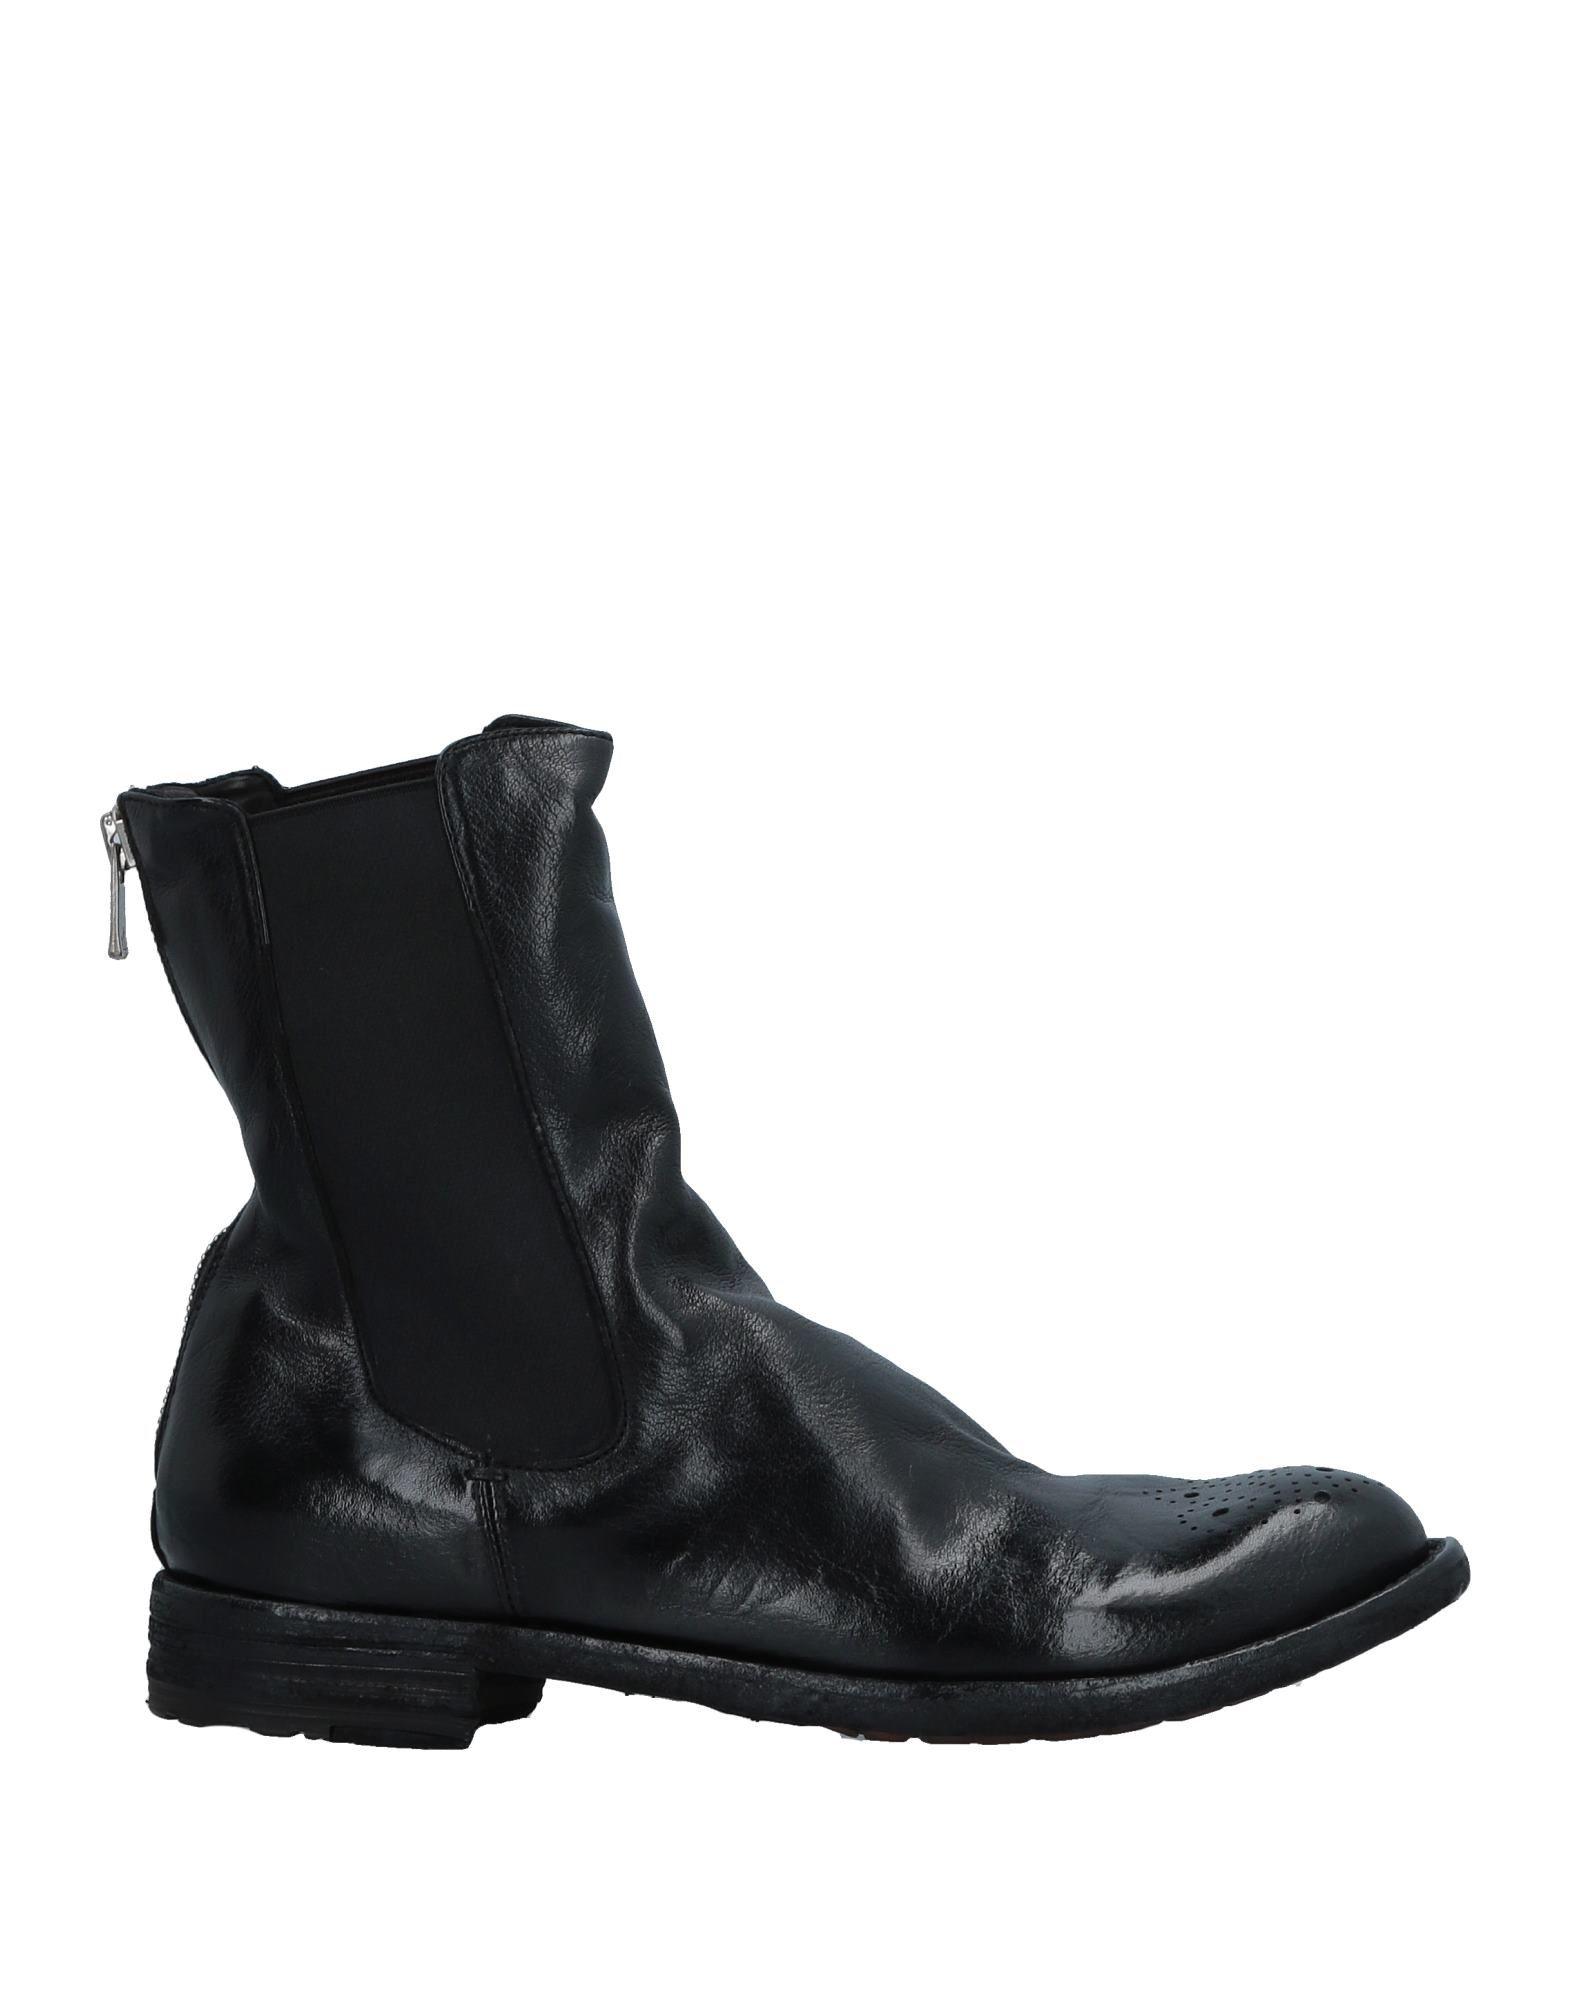 Sneakers Ea7 Uomo - 11511396WG Scarpe economiche e buone